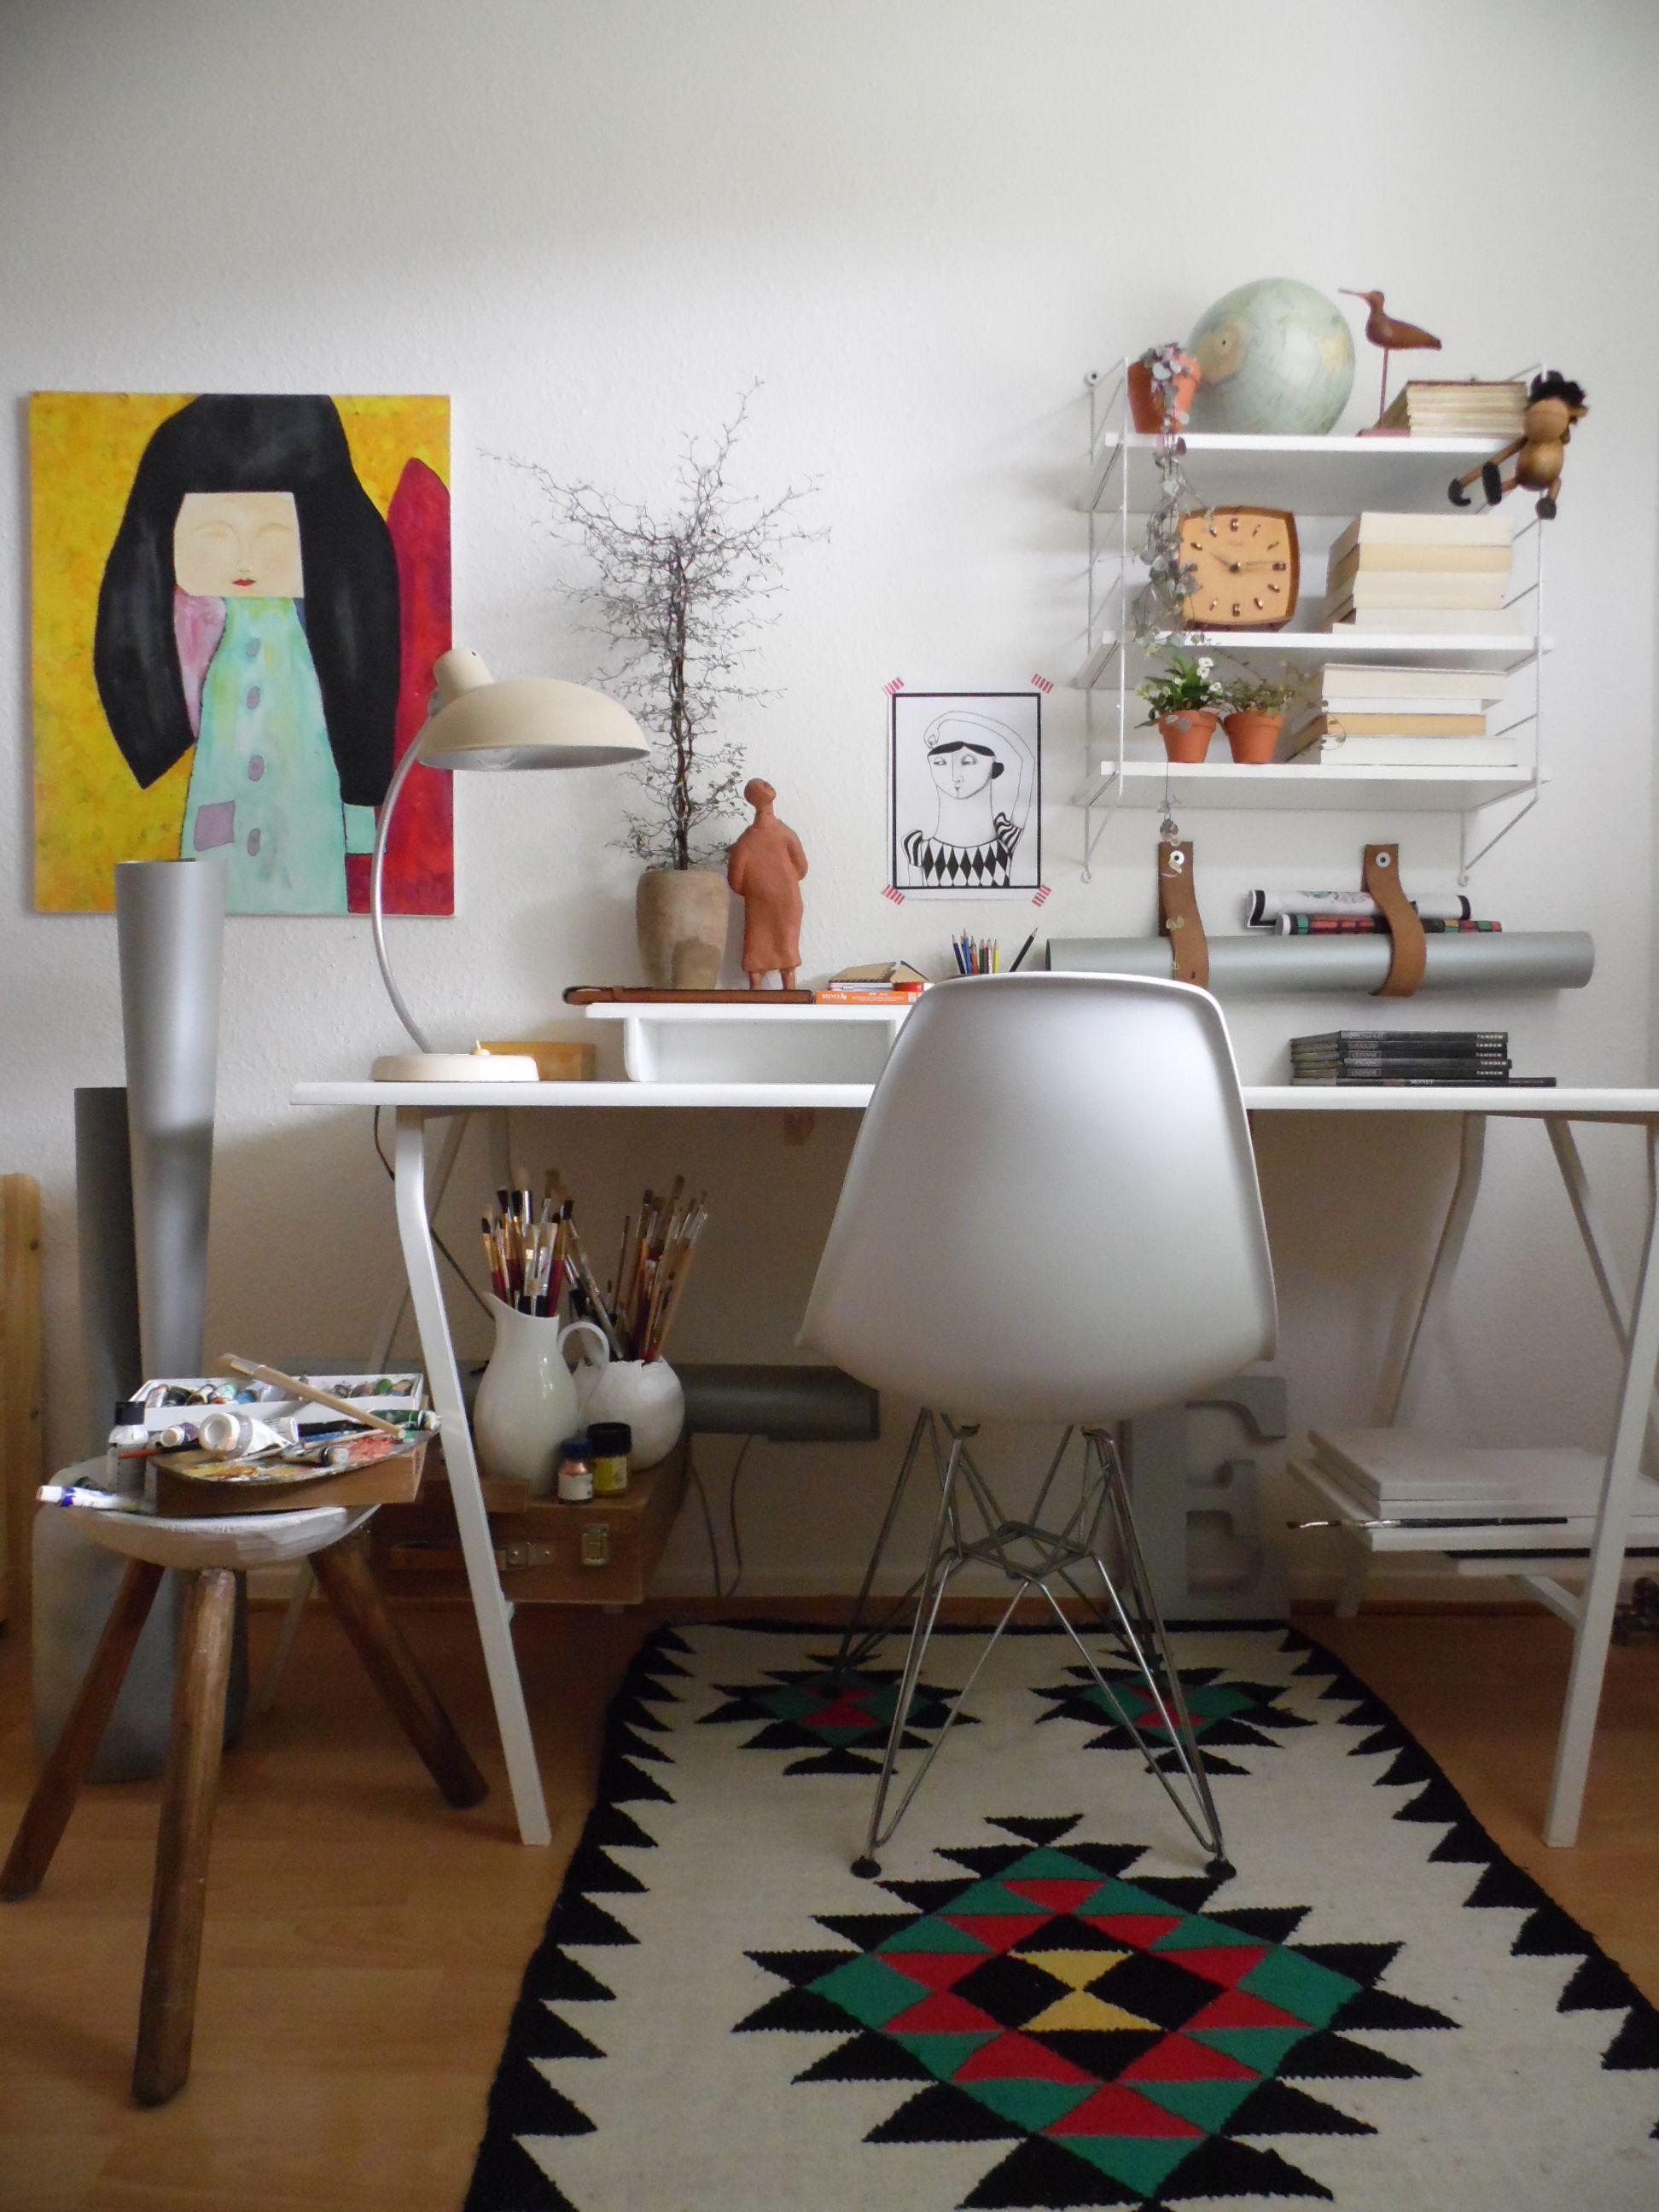 Kräftige Farben Chaos Mischmasch Hier Ist Alles Erlaubt Arbeitszimmer Einrichten Ideen Für Gästezimmer Haus Deko